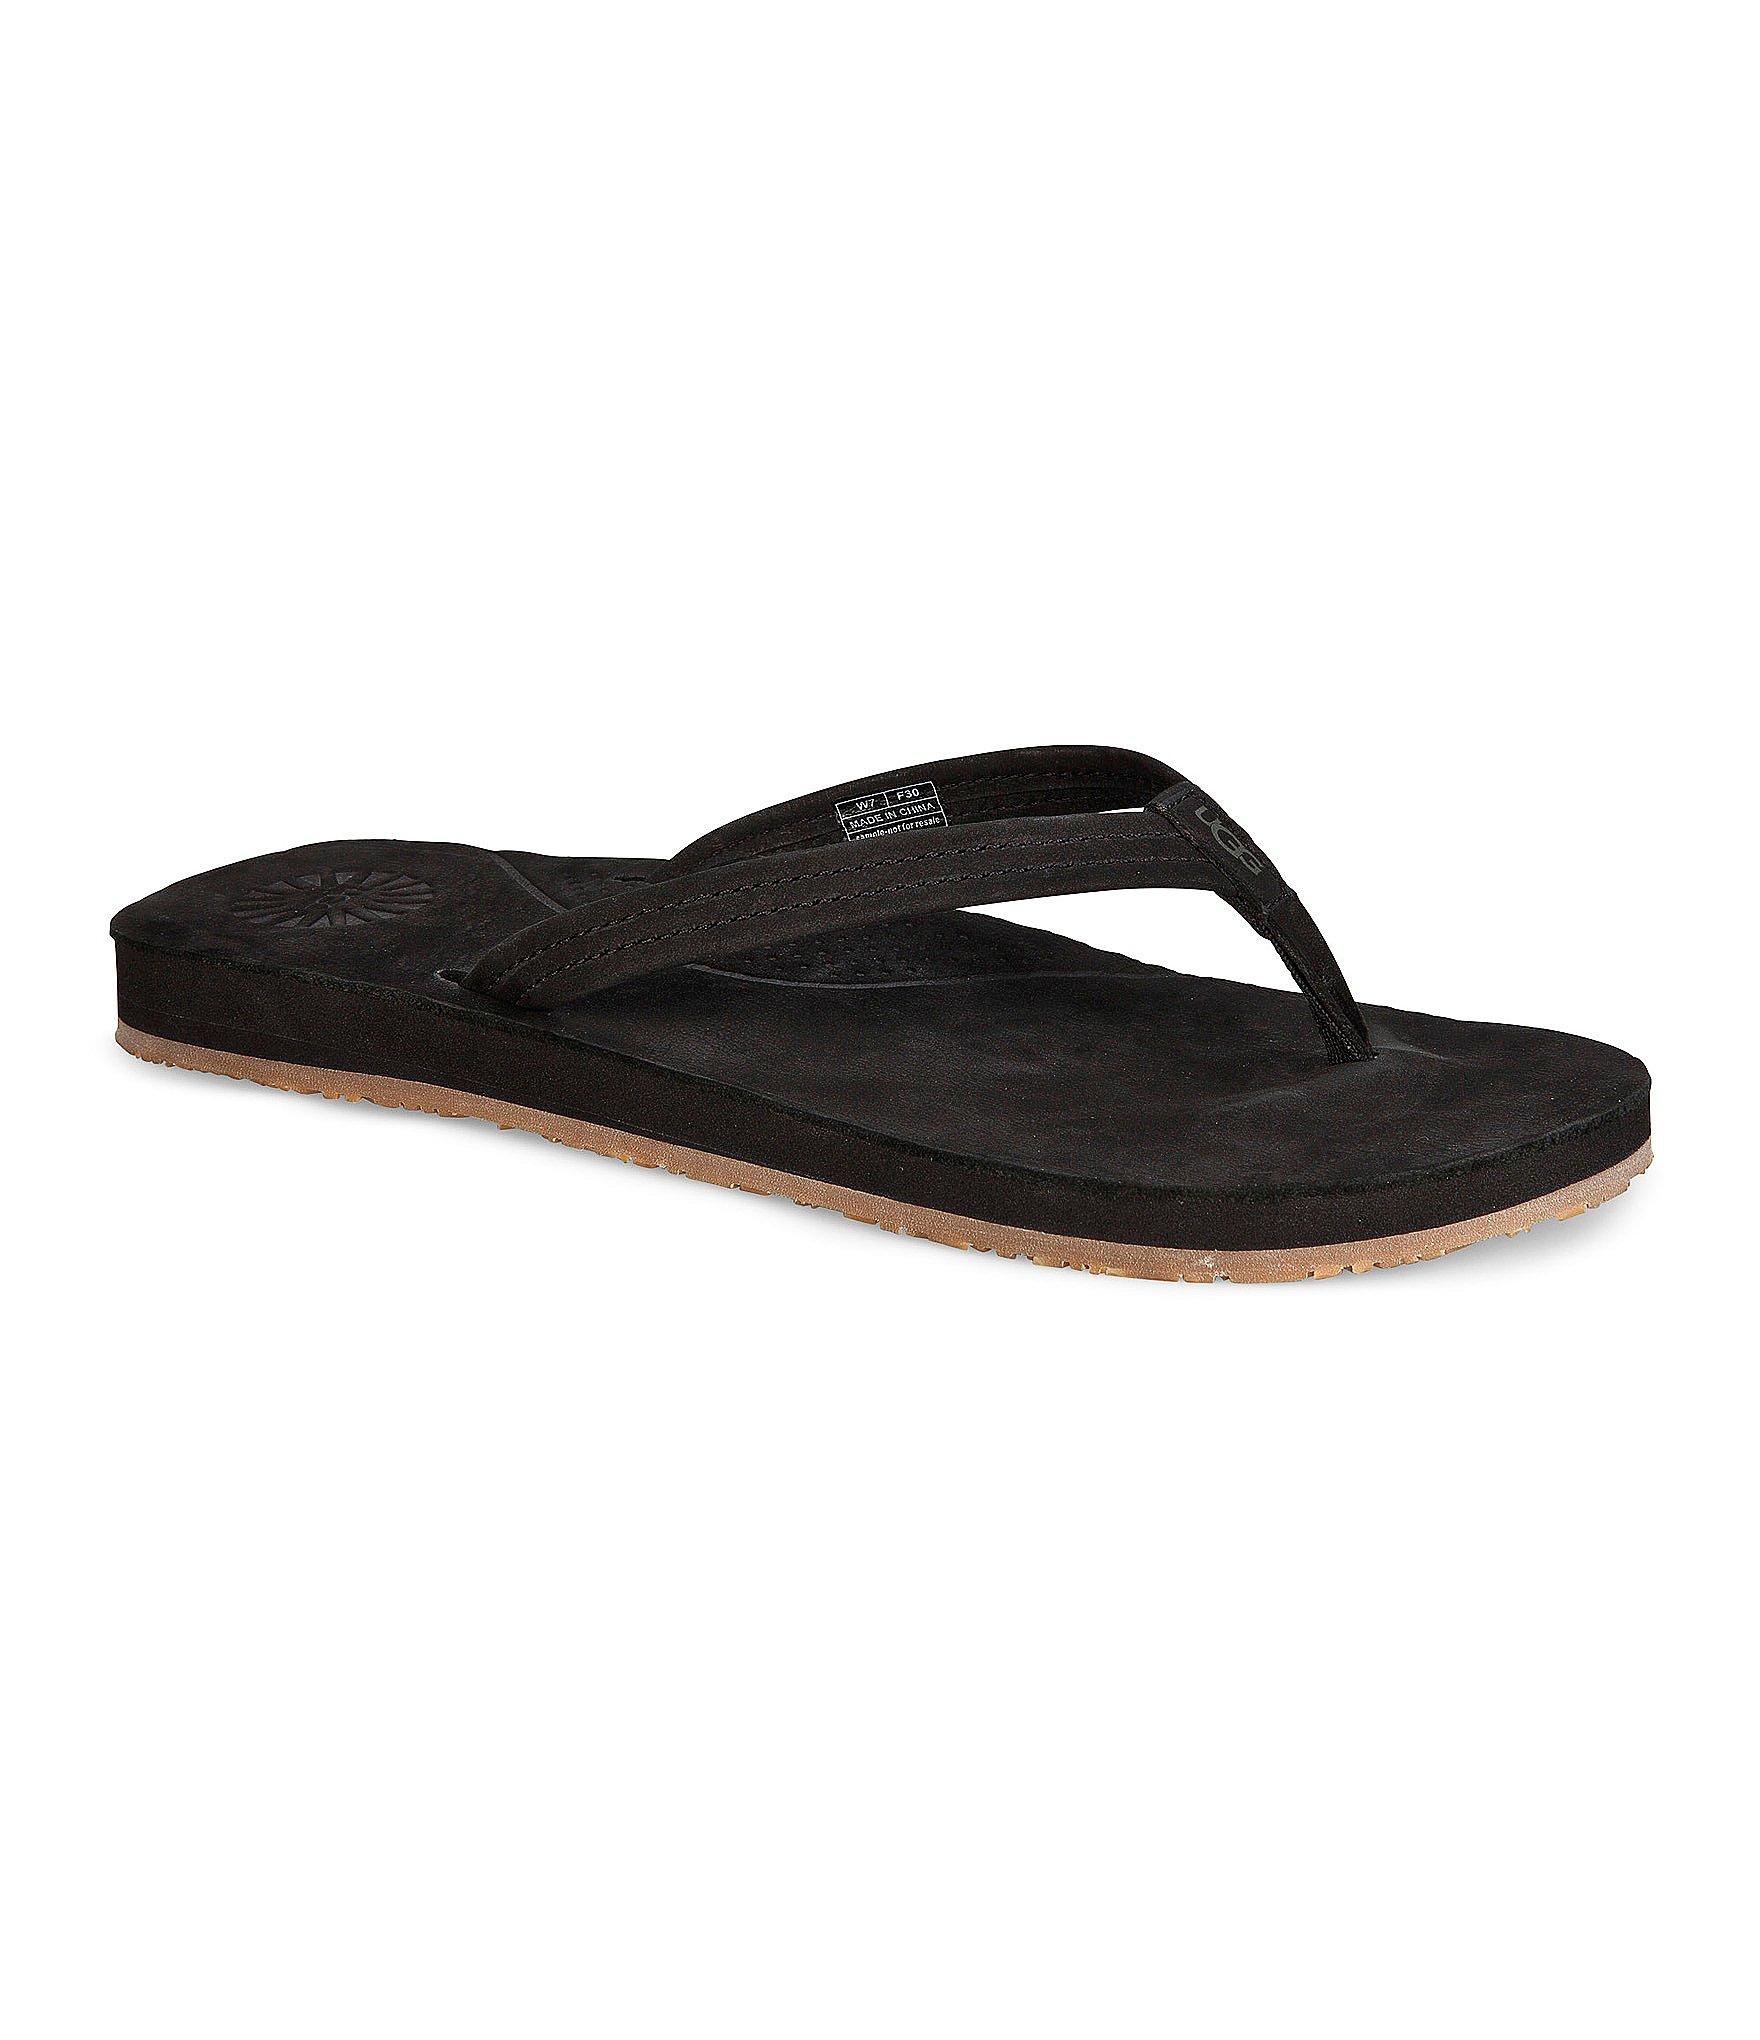 ugg kayla sandals in black save 36 lyst. Black Bedroom Furniture Sets. Home Design Ideas